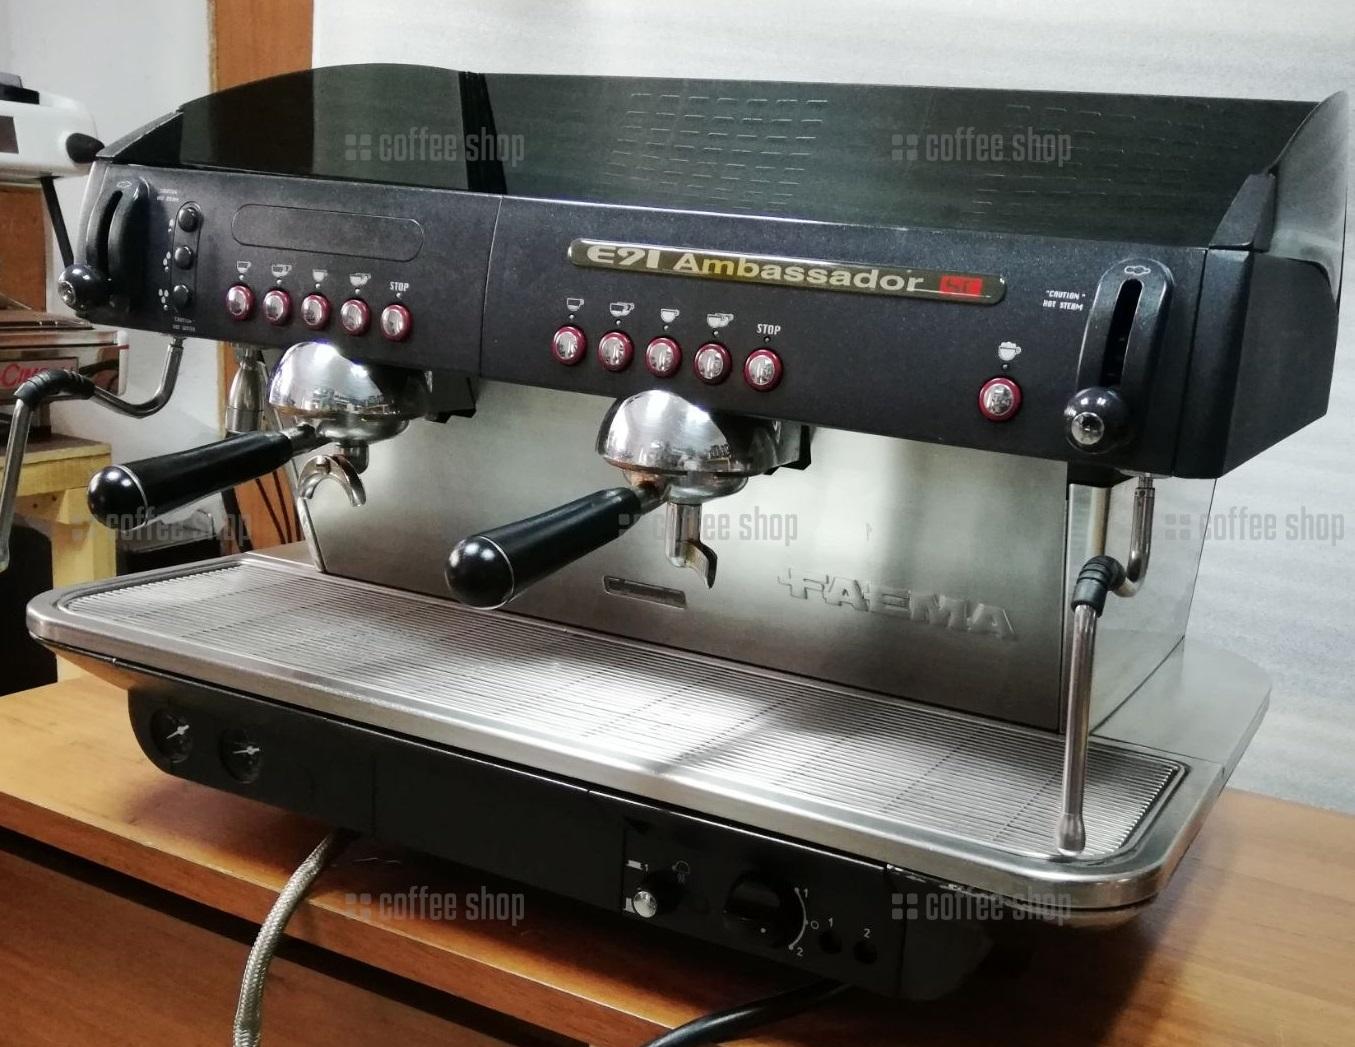 16107 | Кофемашина профессиональная Faema E91 Diplomat Auto 2GR б/у | Coffee Shop